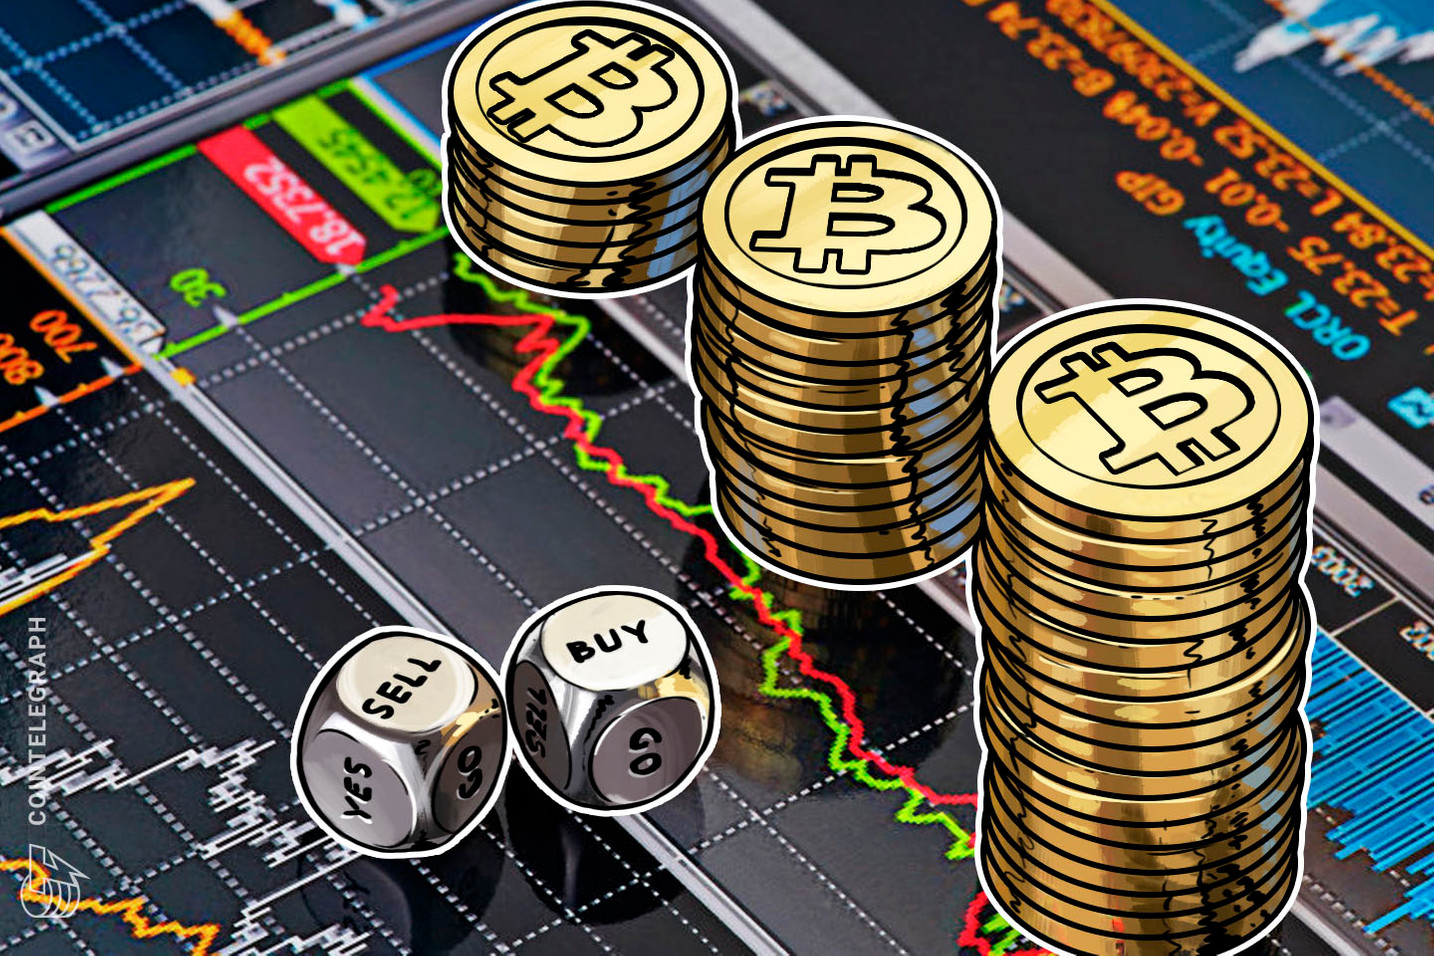 Deribit pagará US$ 1,3 milhão aos usuários após 'queda relâmpago' do Bitcoin para US$ 7,7 mil